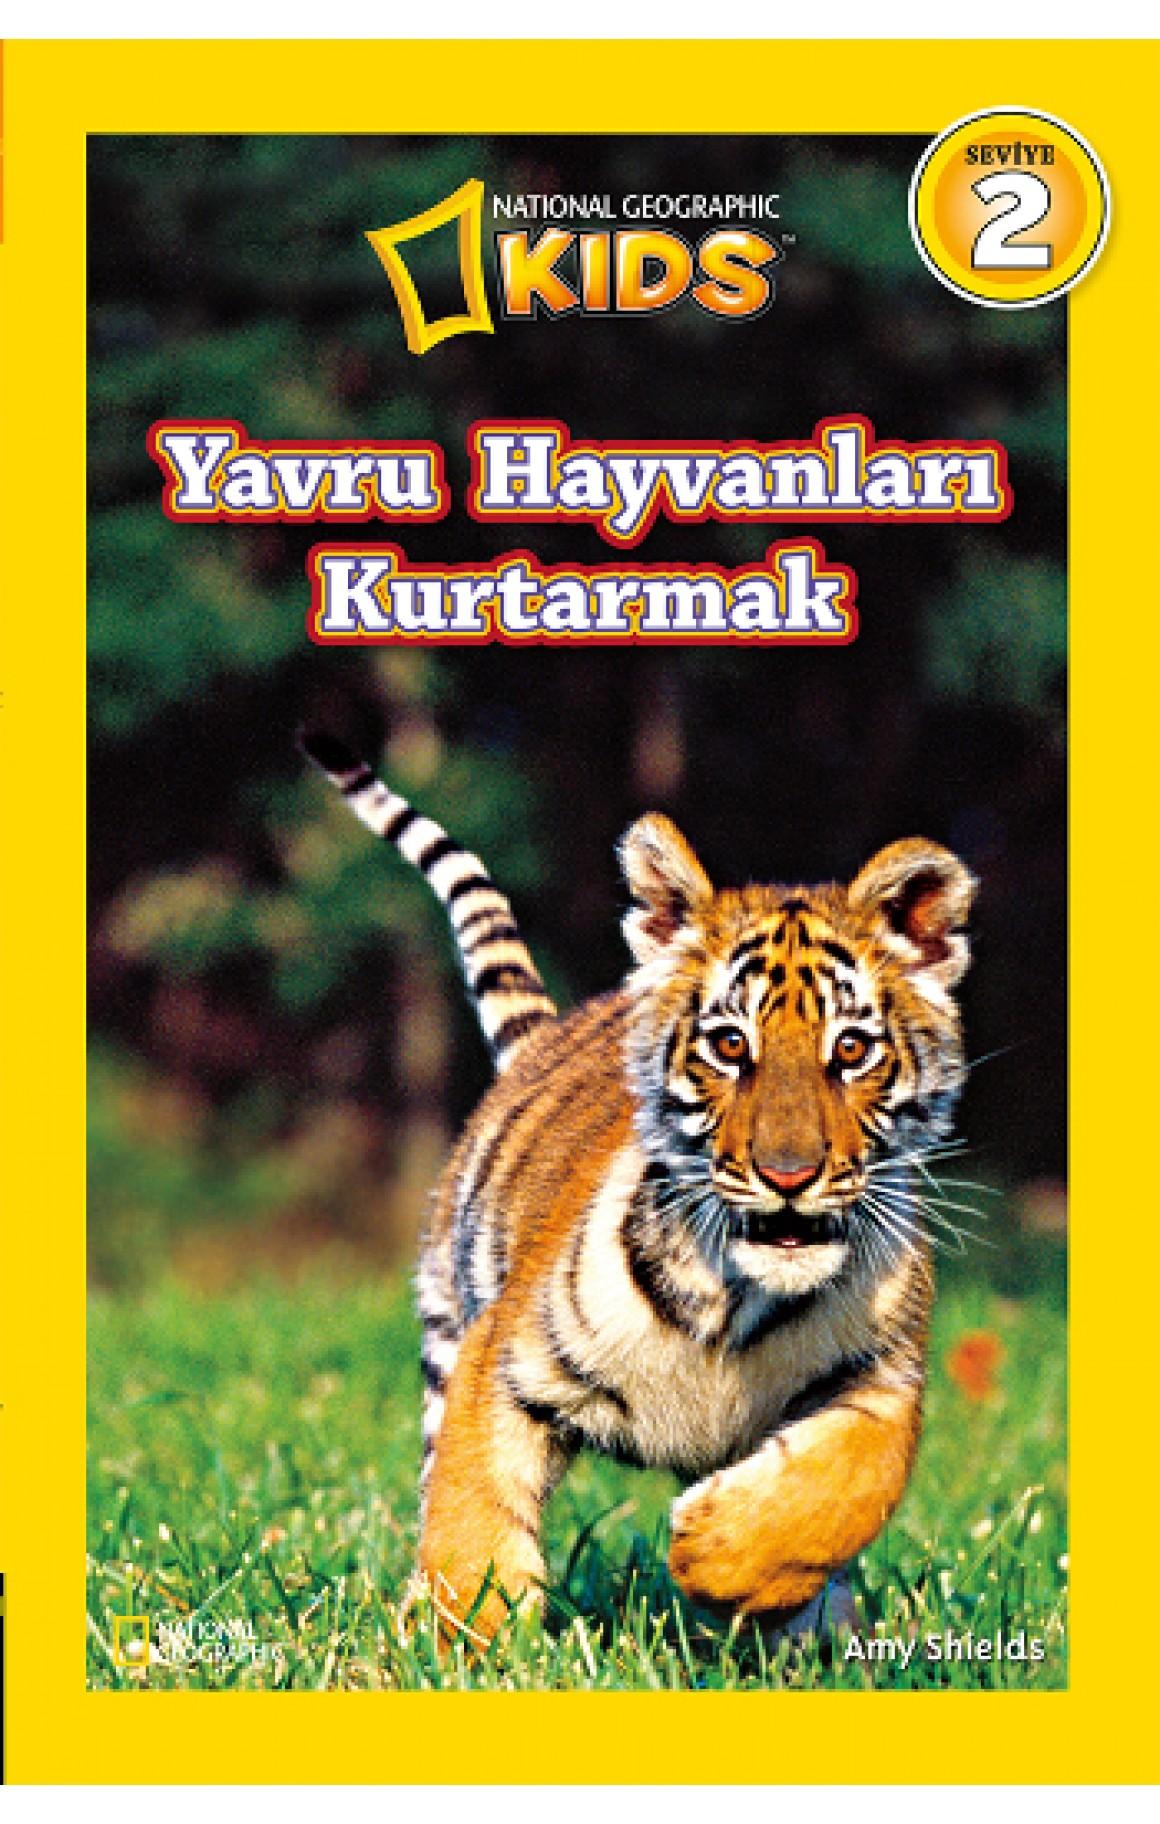 National Geographic Kids - Yavru Hayvanları Kurtarmak